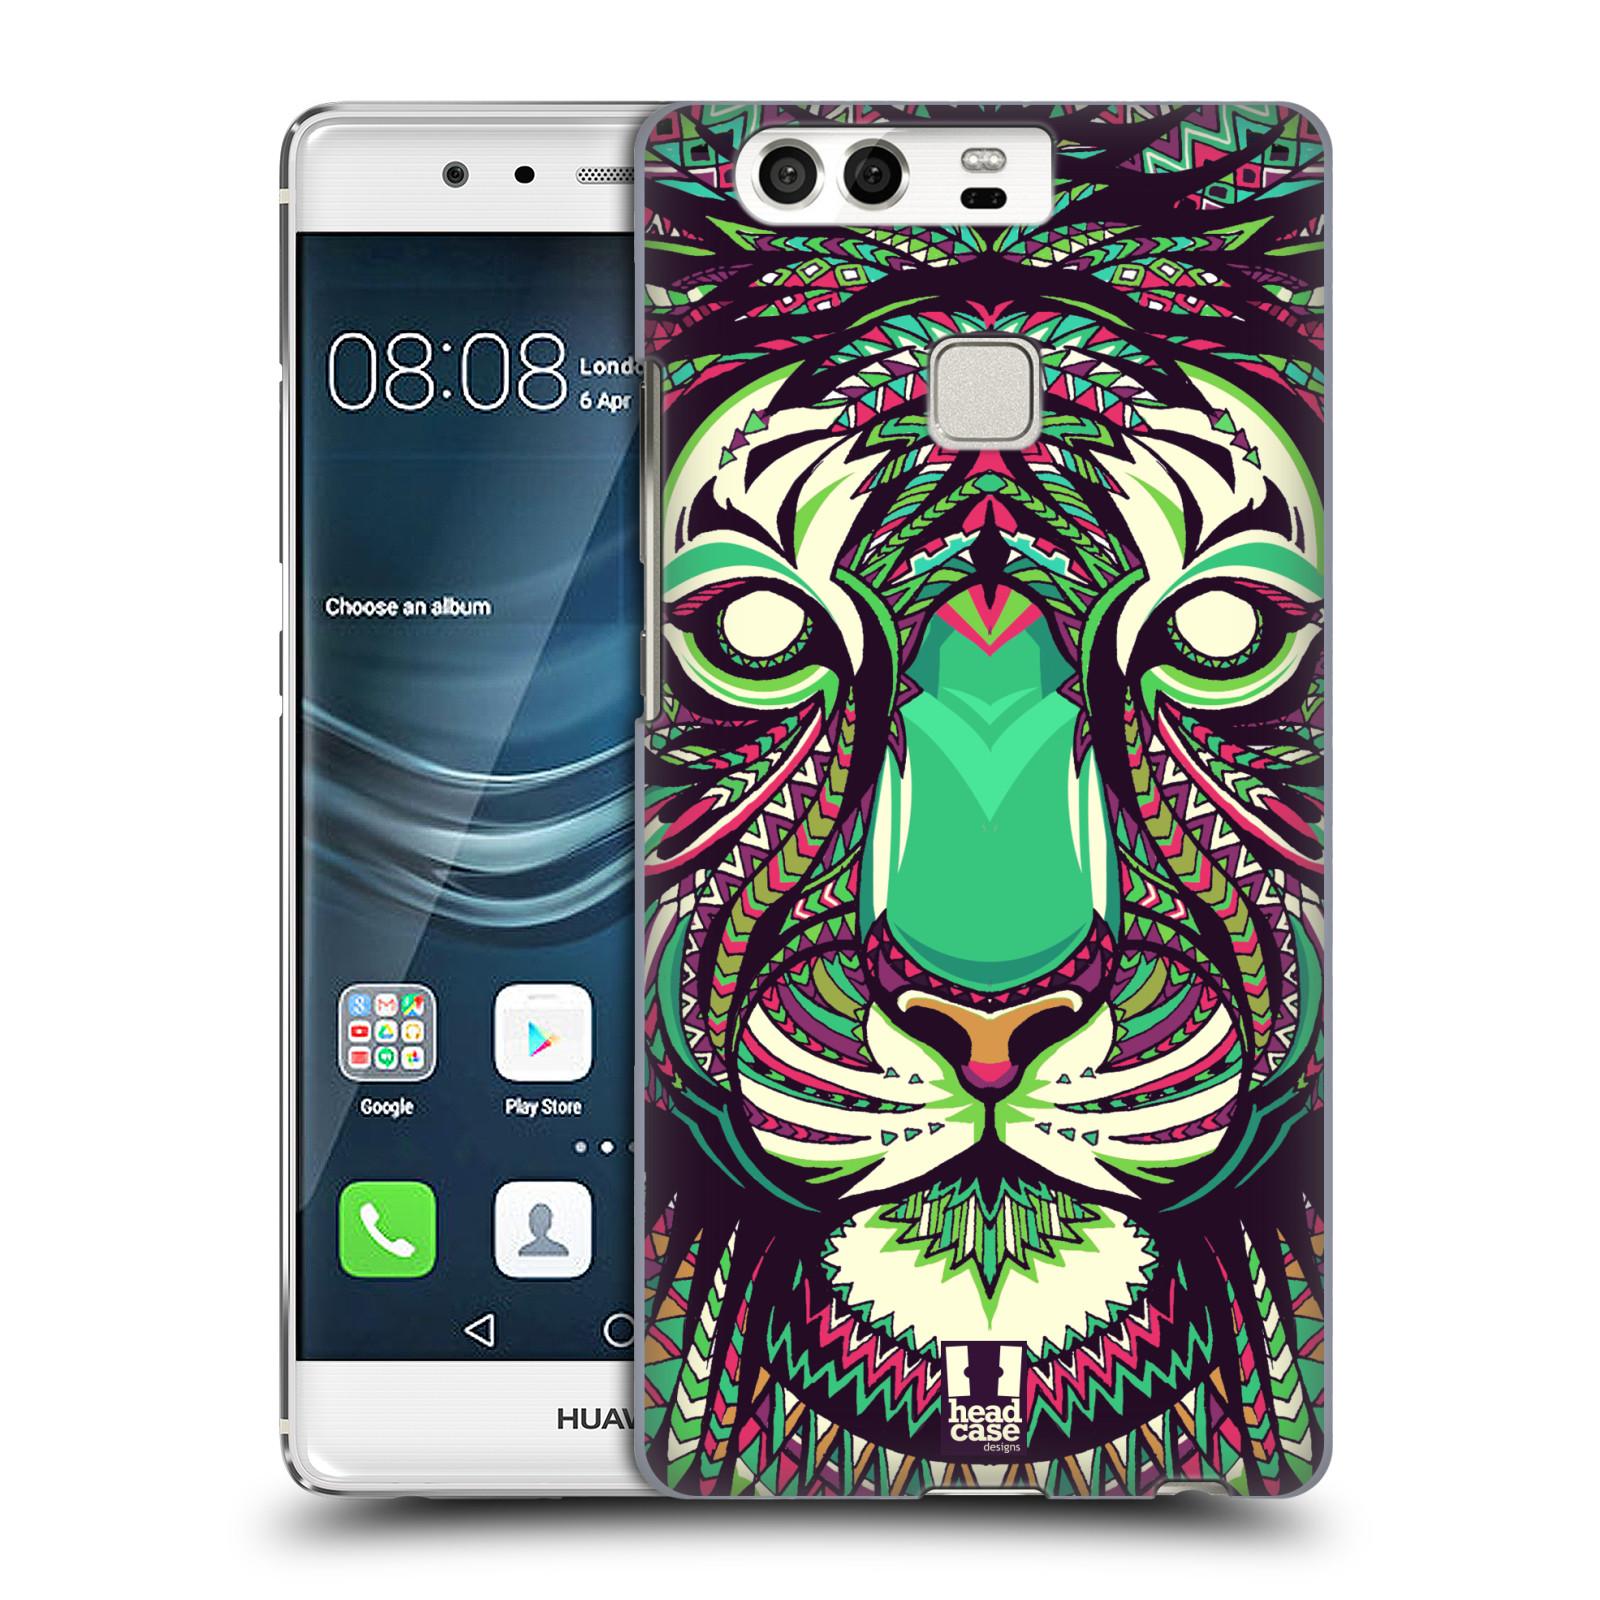 HEAD CASE plastový obal na mobil Huawei P9 / P9 DUAL SIM vzor Aztécký motiv zvíře 2 tygr